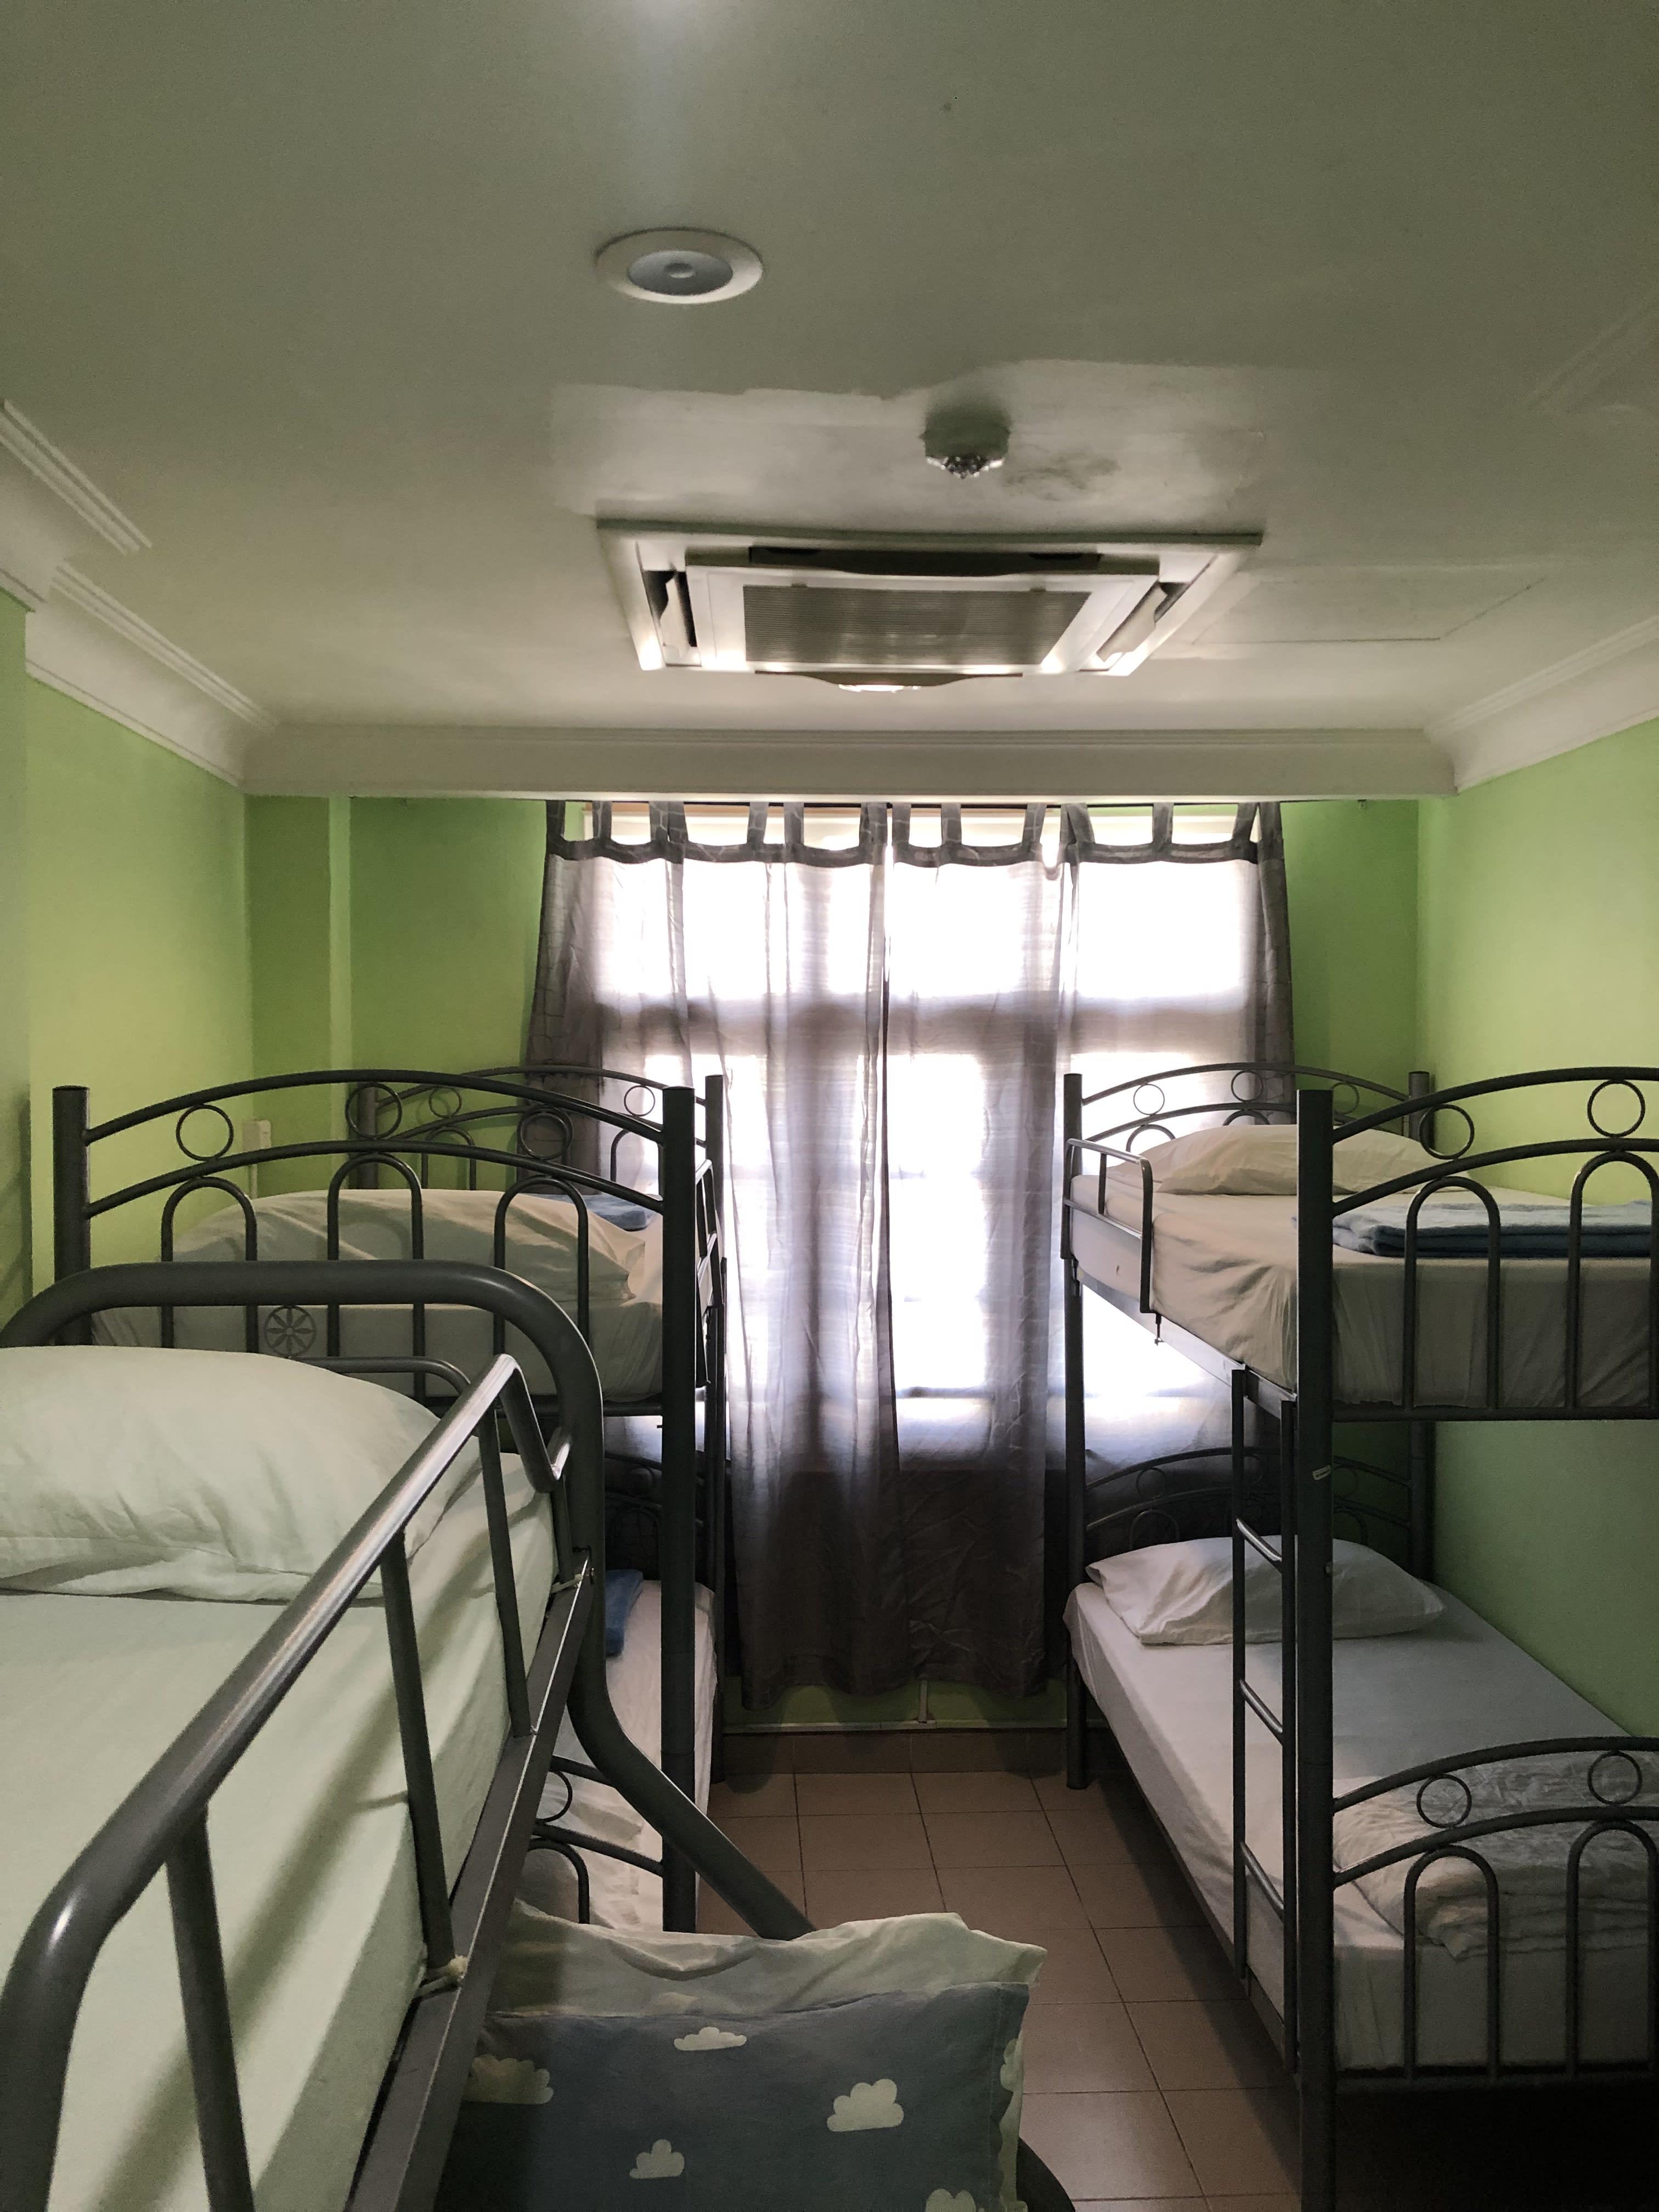 HOSTEL - Snooze Inn @Dickson Road